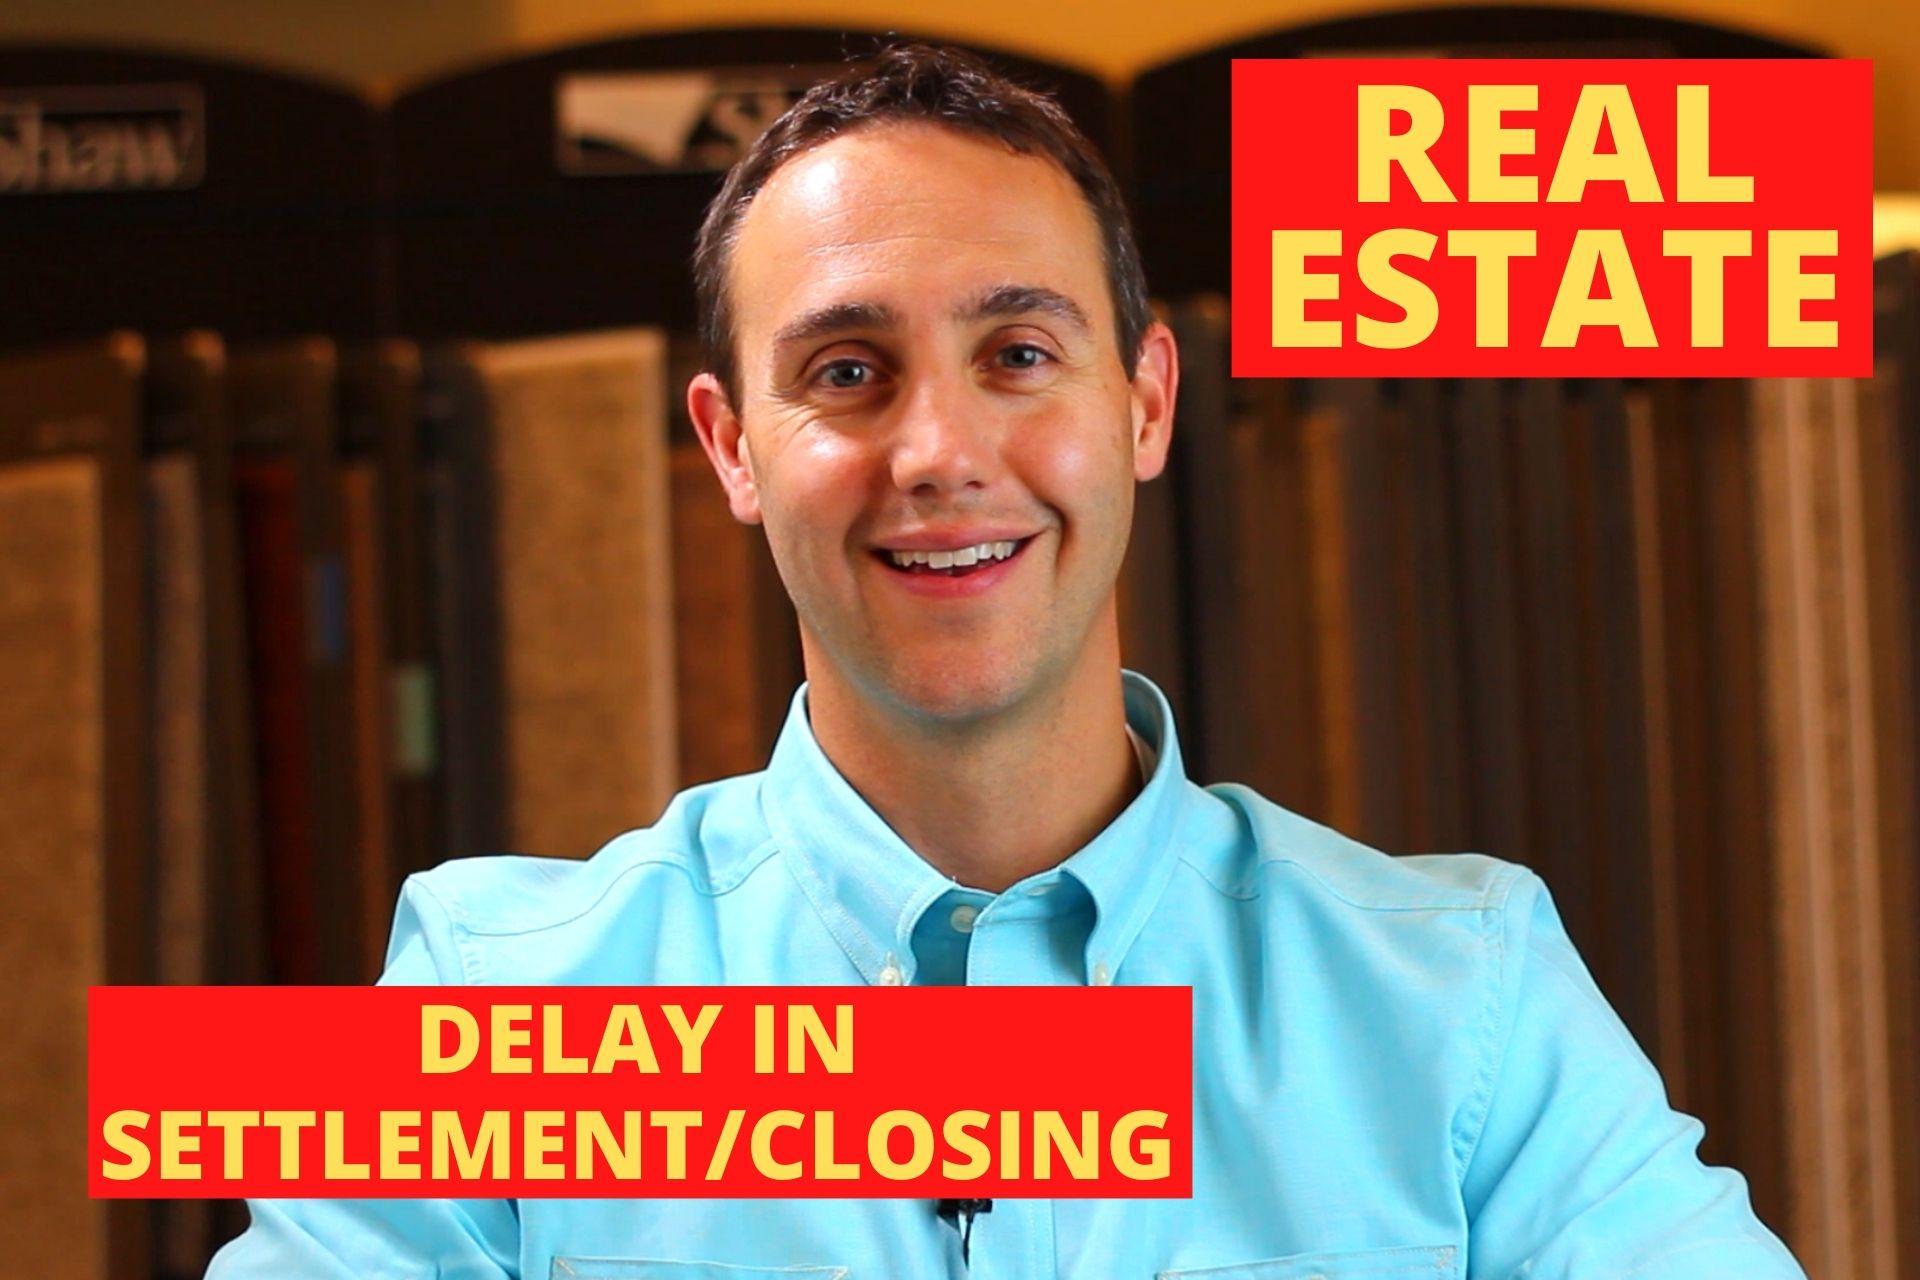 Delay in closing